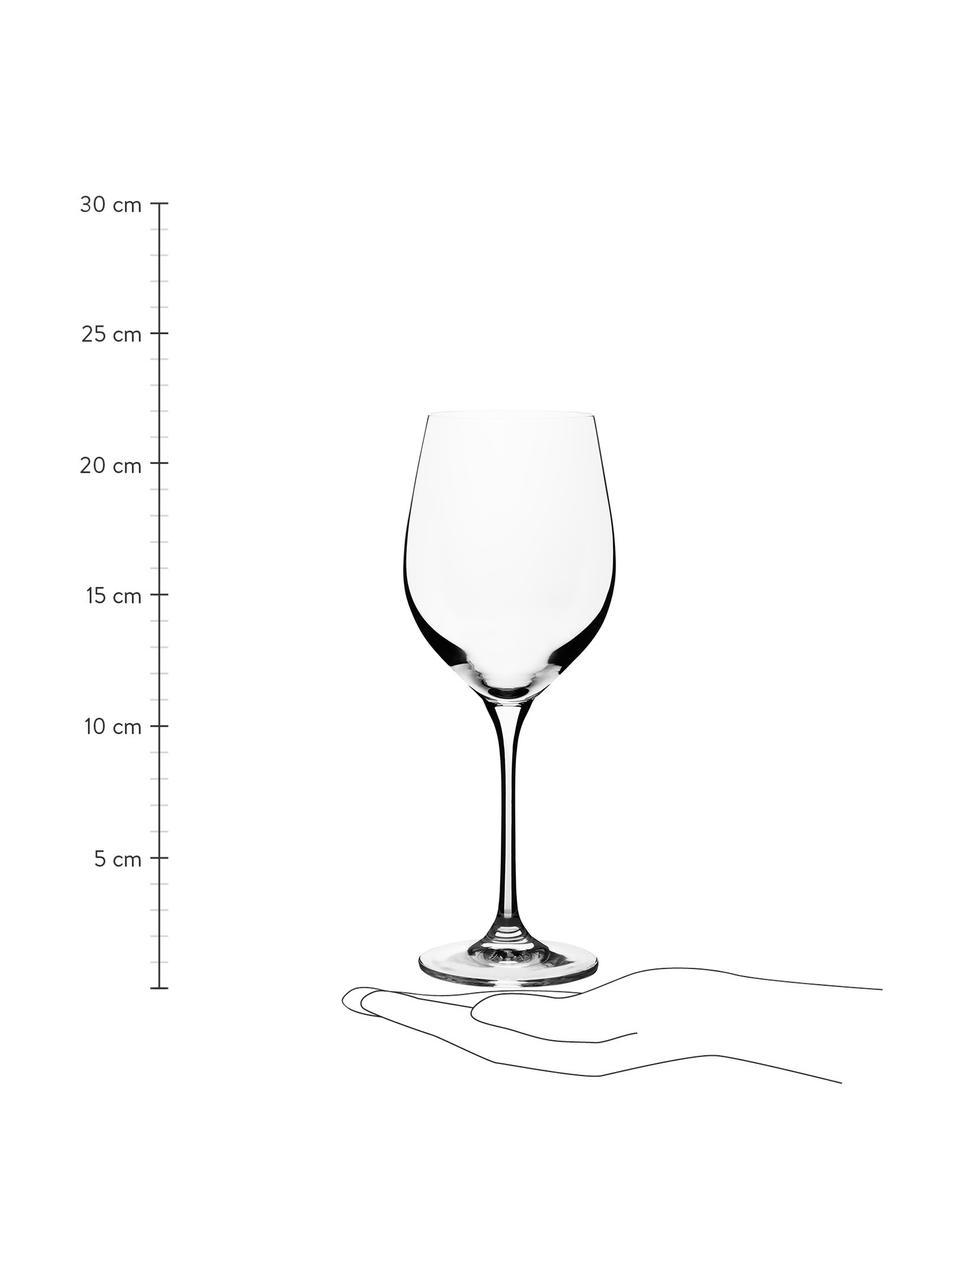 Weißweingläser Harmony aus glattem Kristallglas, 6 Stück, Edelster Glanz – das Kristallglas bricht einfallendes Licht besonders stark. So entsteht ein märchenhaftes Funkeln, das jede Weinverkostung zu einem ganz besonderen Erlebnis macht., Transparent, Ø 9 x H 22 cm